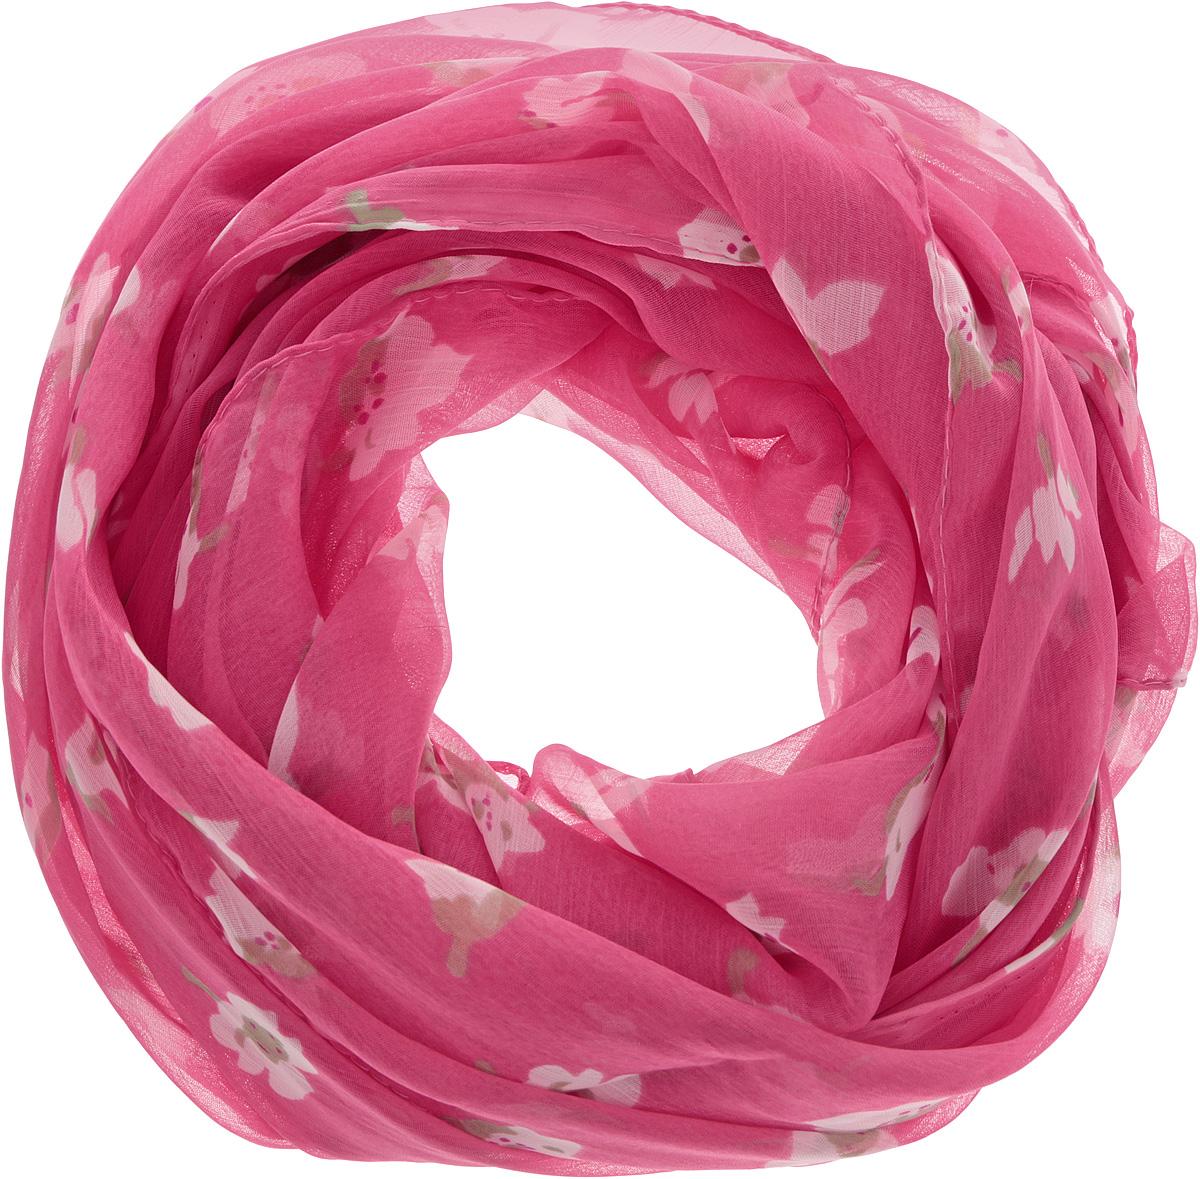 262040Женский шарф Ethnica, изготовленный из 100% вискозы, подчеркнет вашу индивидуальность. Благодаря своему составу, он легкий, мягкий и приятный на ощупь. Изделие оформлено оригинальным цветочным принтом. Такой аксессуар станет стильным дополнением к гардеробу современной женщины.